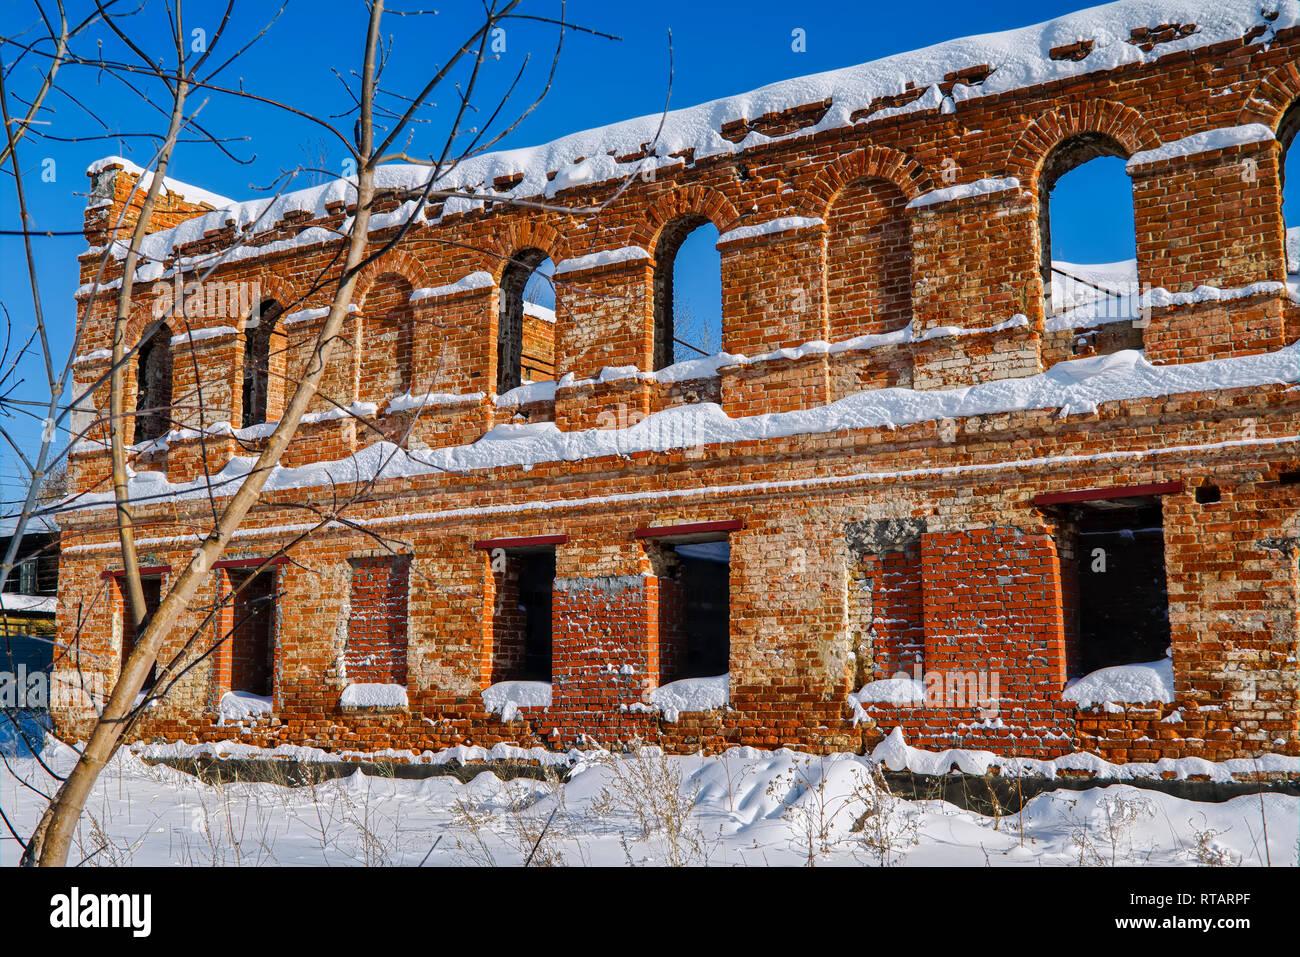 Camini In Mattoni Rossi : I ruderi di un vecchio edificio in mattoni di mattoni rossi. per i